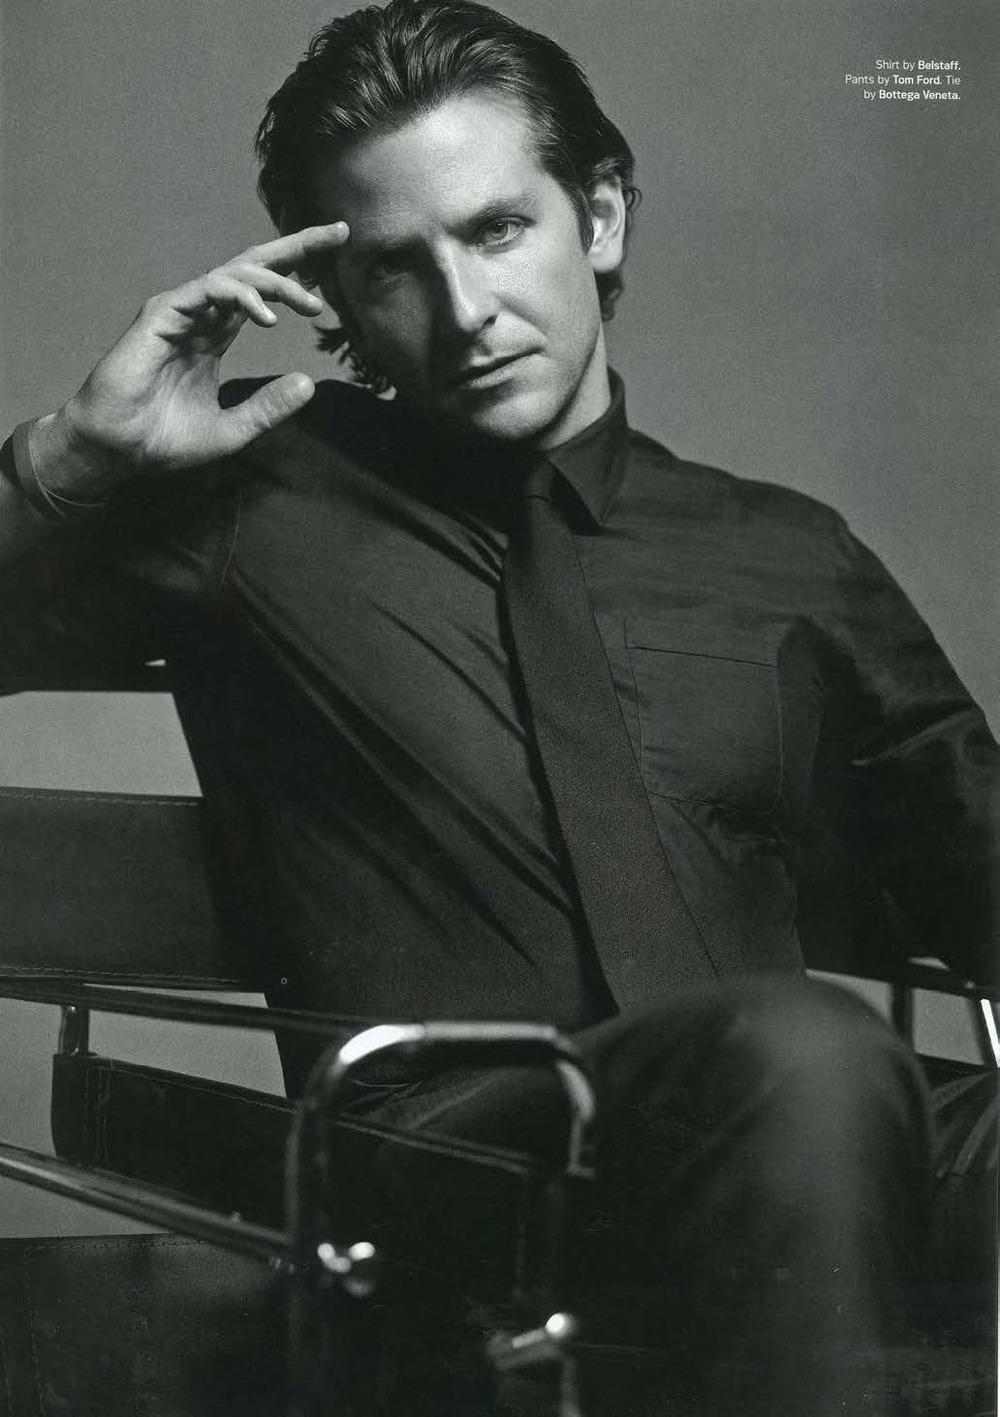 Menswear Monday:Bradley Cooperturns up the heat inDETAILSmagazine wearing a black button down shirt byBelstaffand tie byBottega Veneta